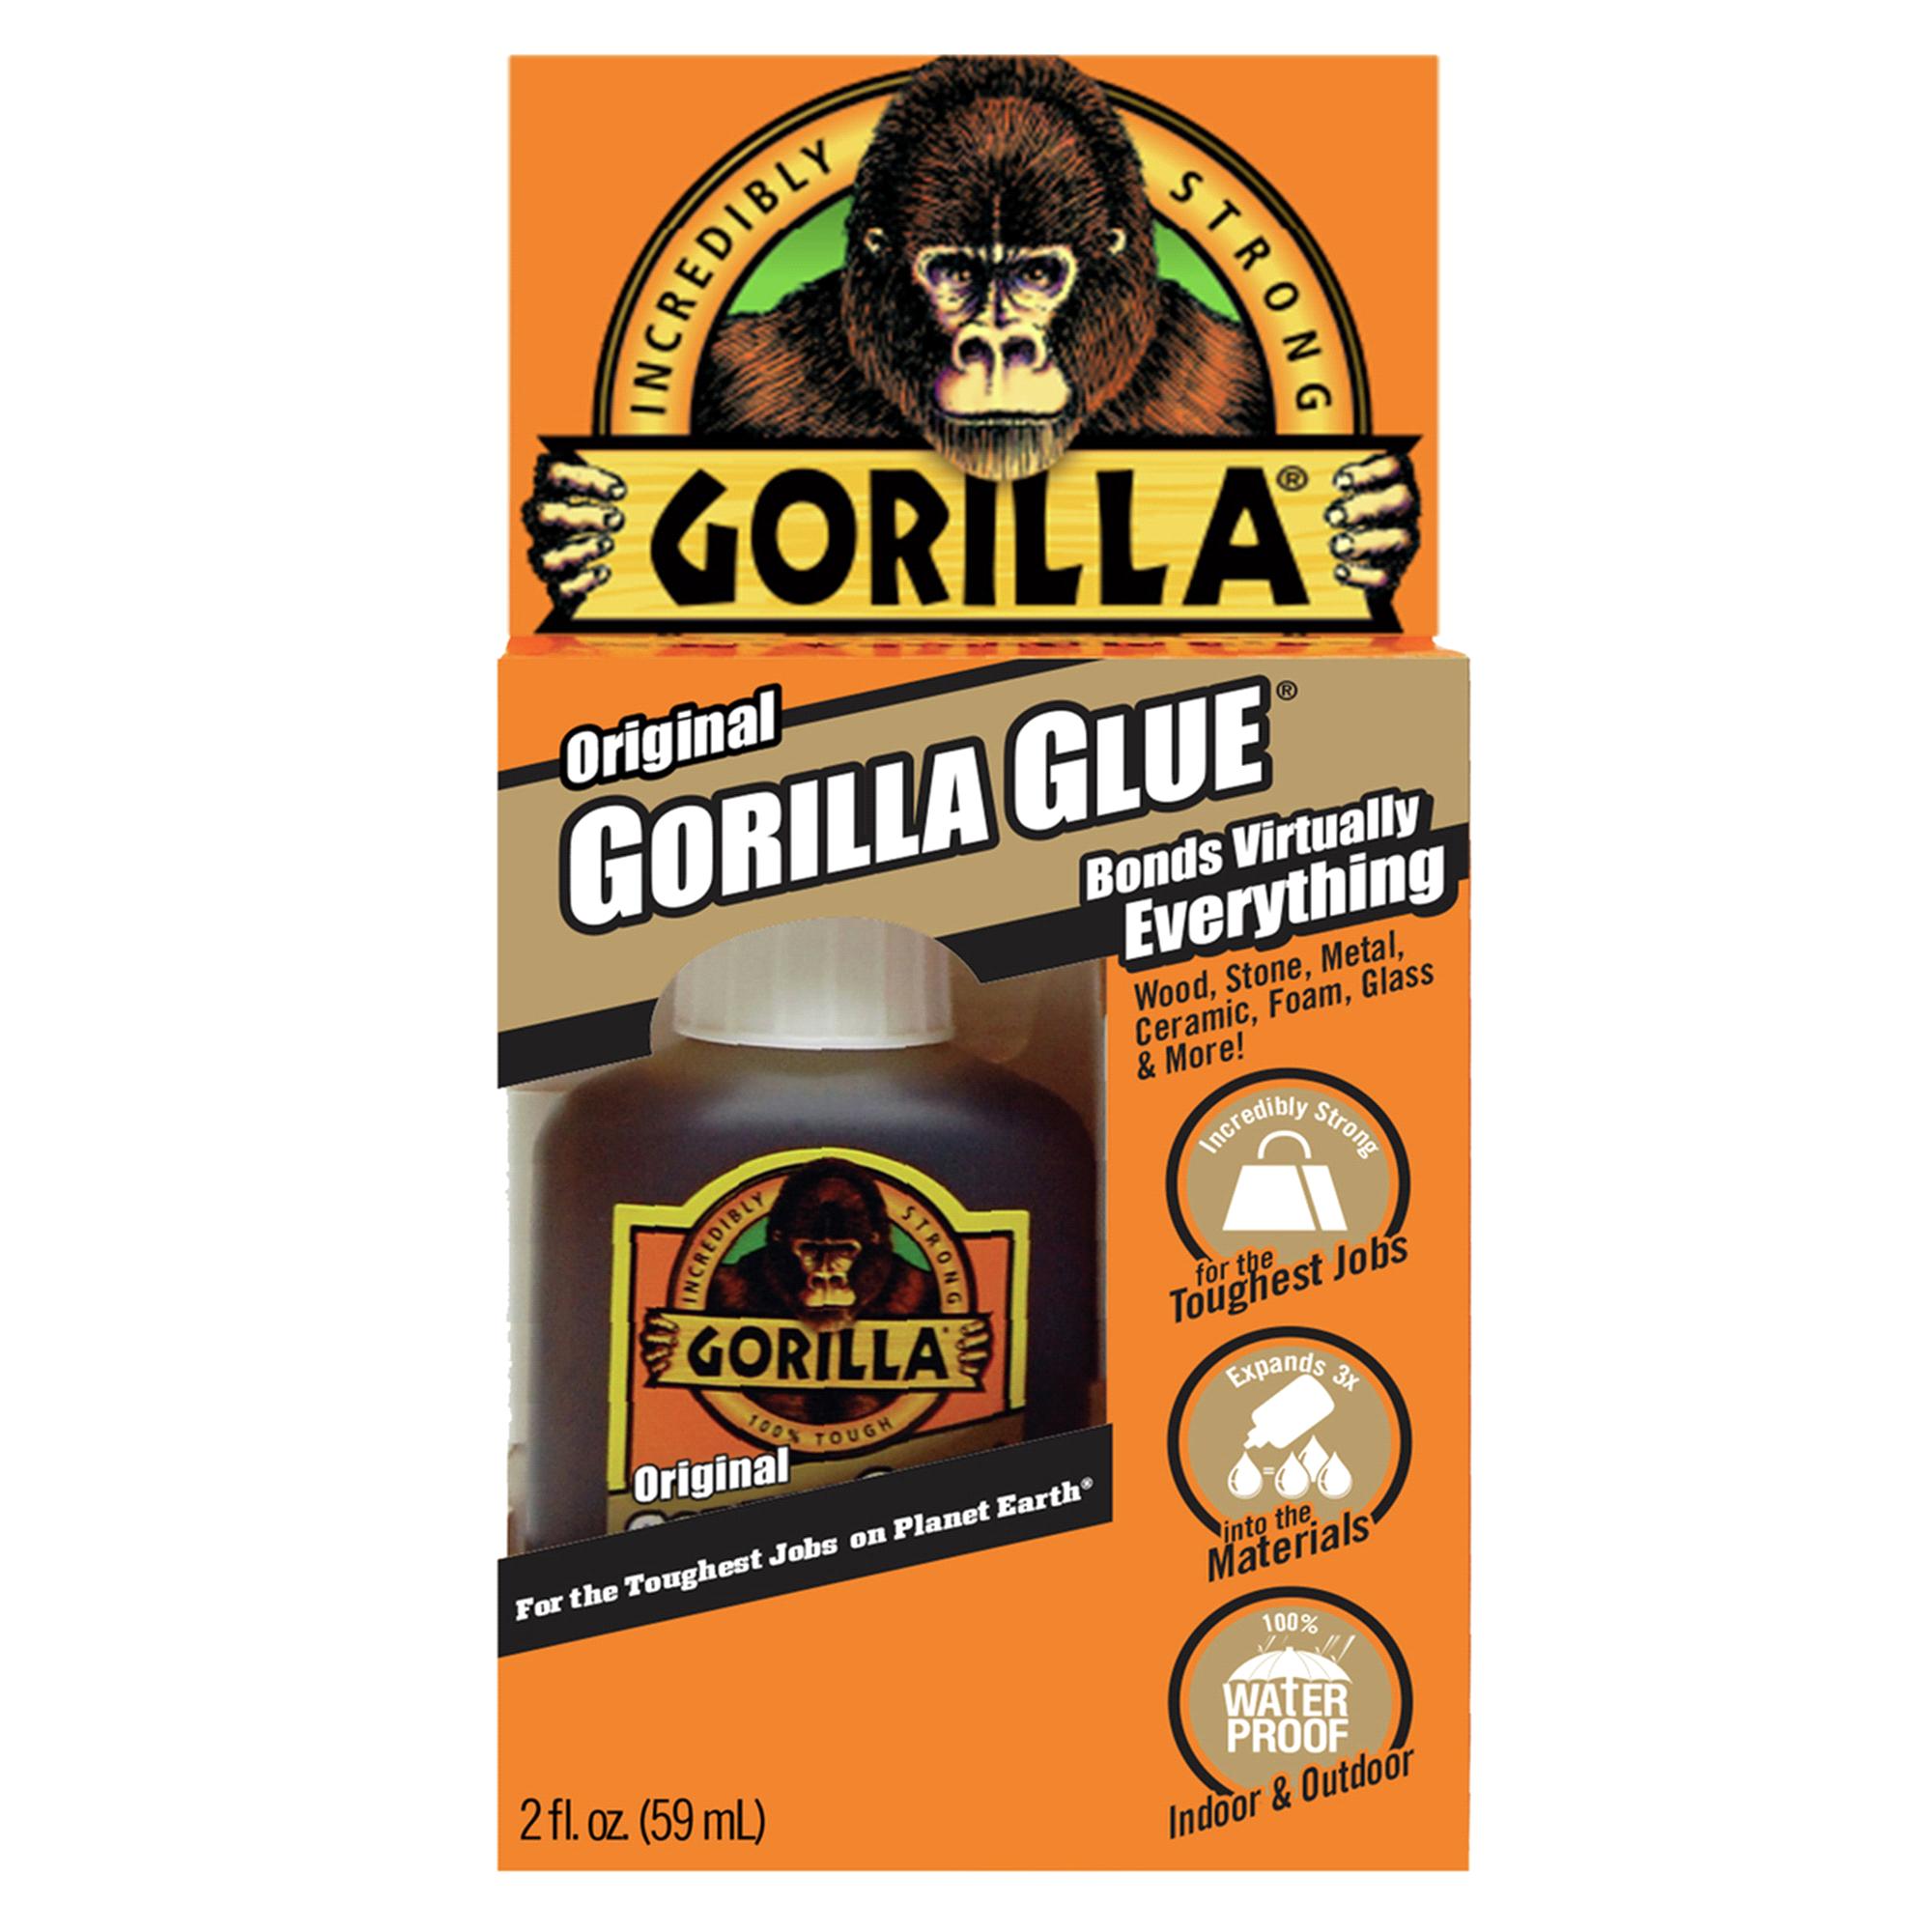 Gorilla Original Glue 2 oz